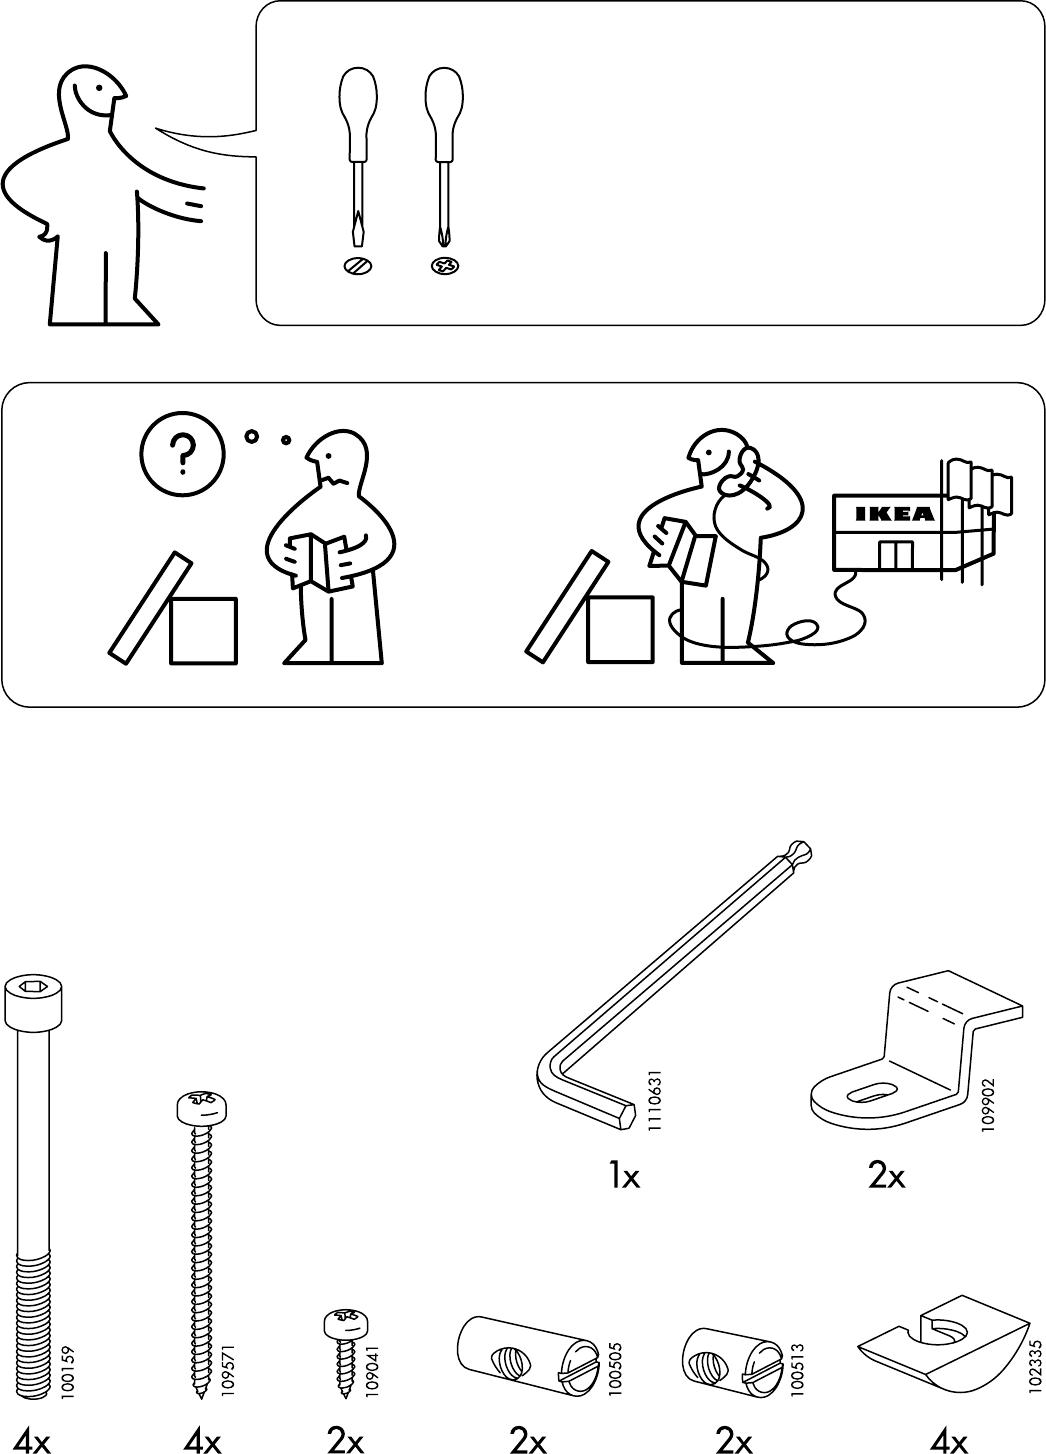 инструкция икеа картинка вас нашим